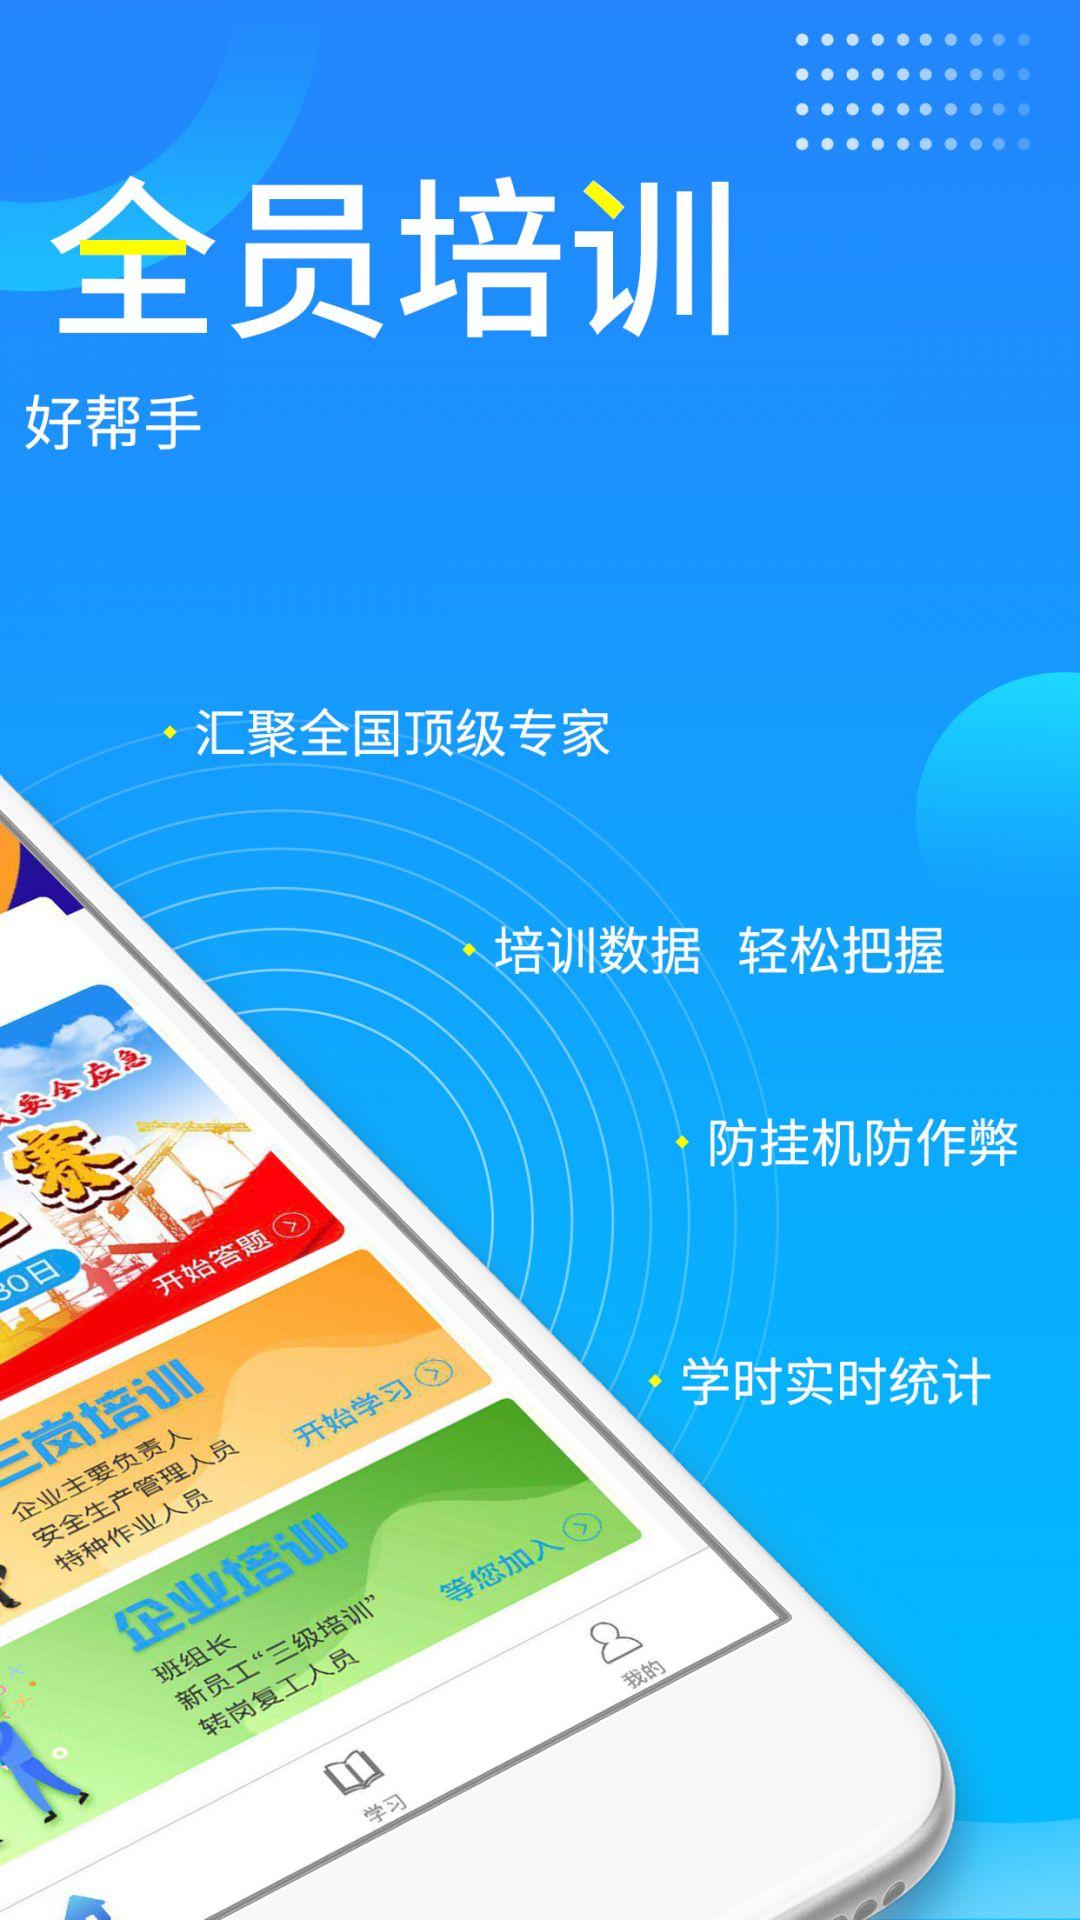 链工宝安全考试题库app截图2